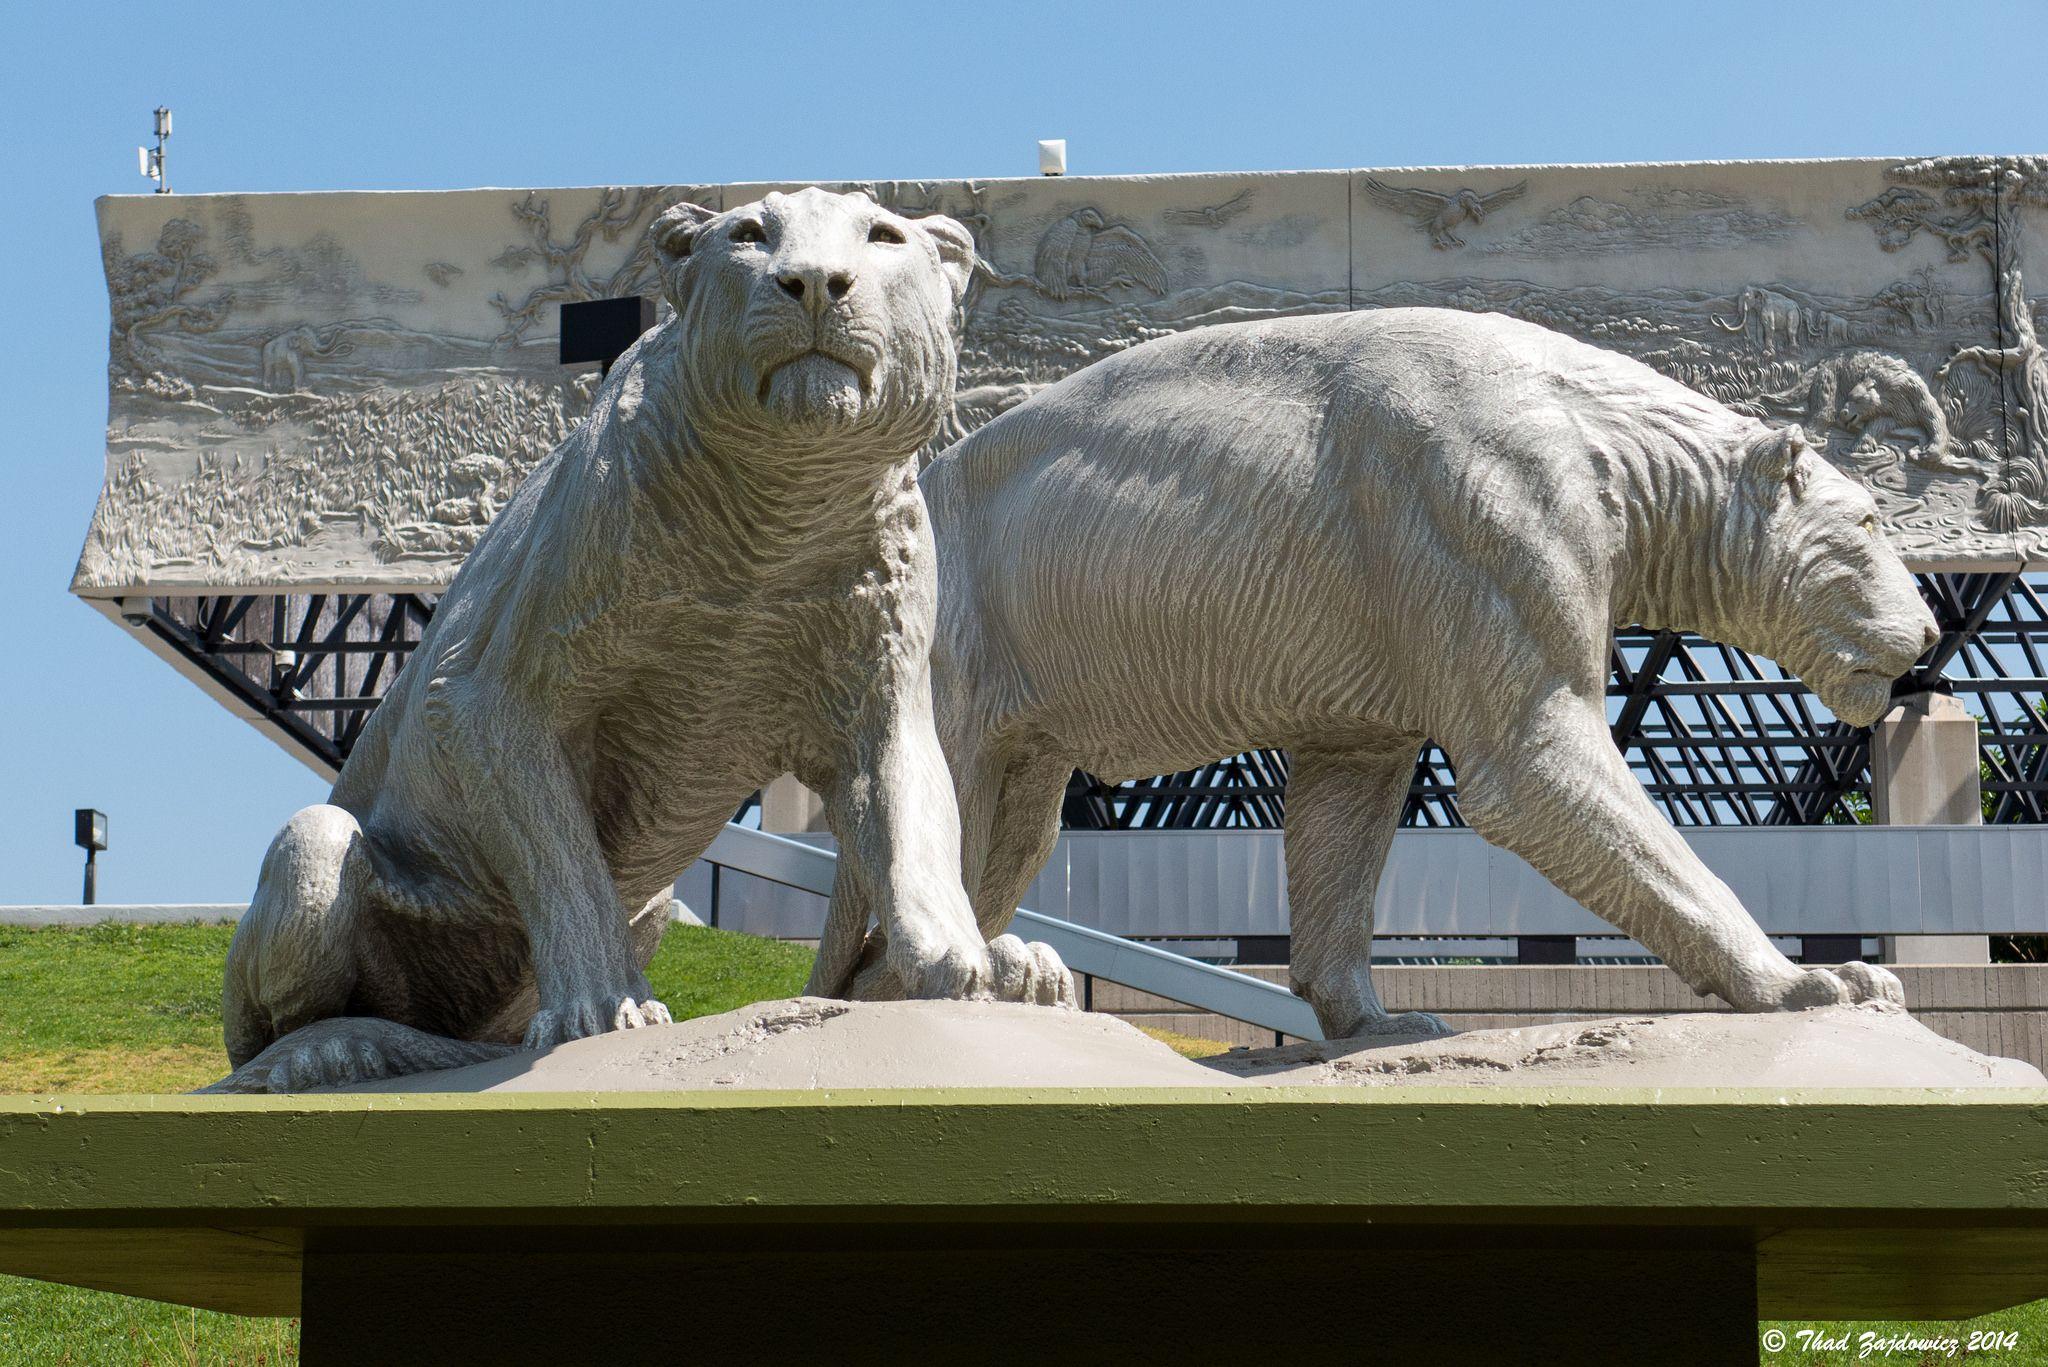 Lion sculptures | Lion sculpture, American lion, Lion